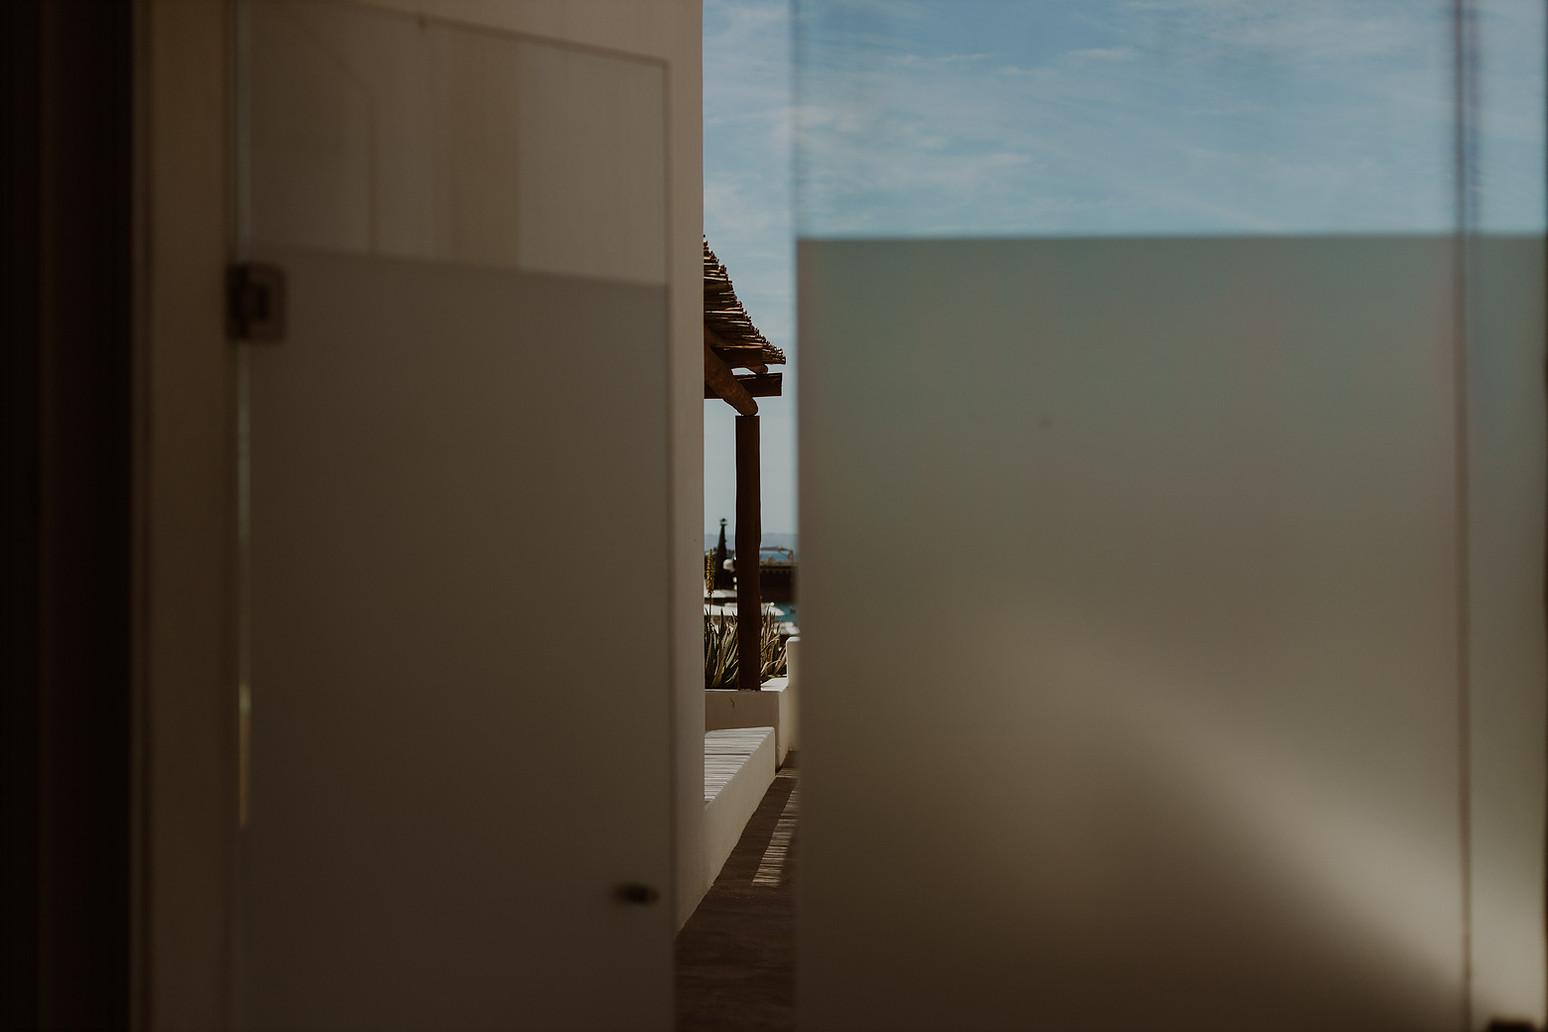 Boda en La Paz, Baja California Sur